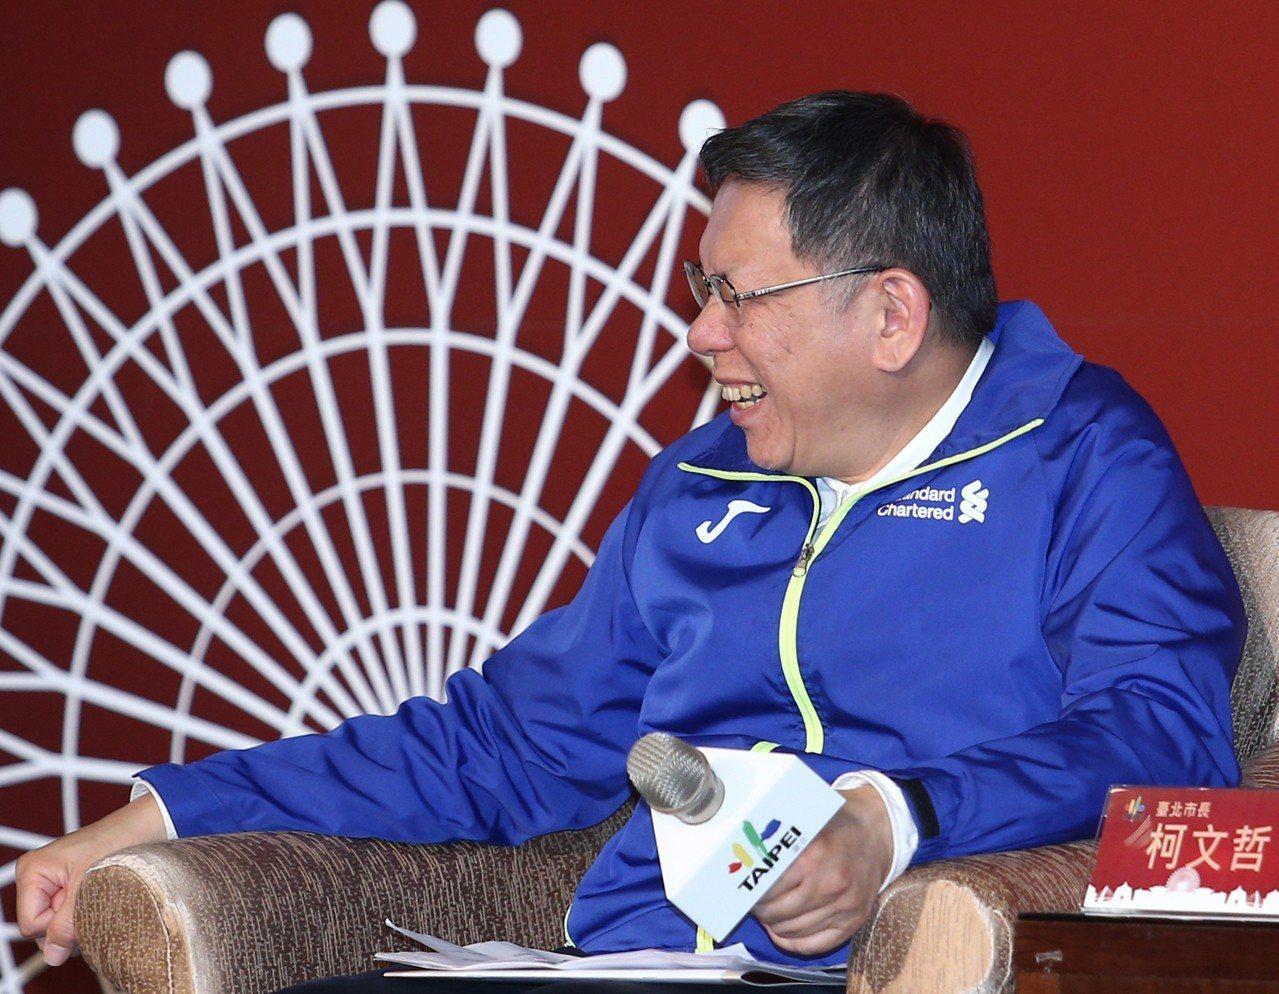 台北市長柯文哲(圖)與財信傳媒董事長謝金河今天一起出席2019投資台北產業論壇對...